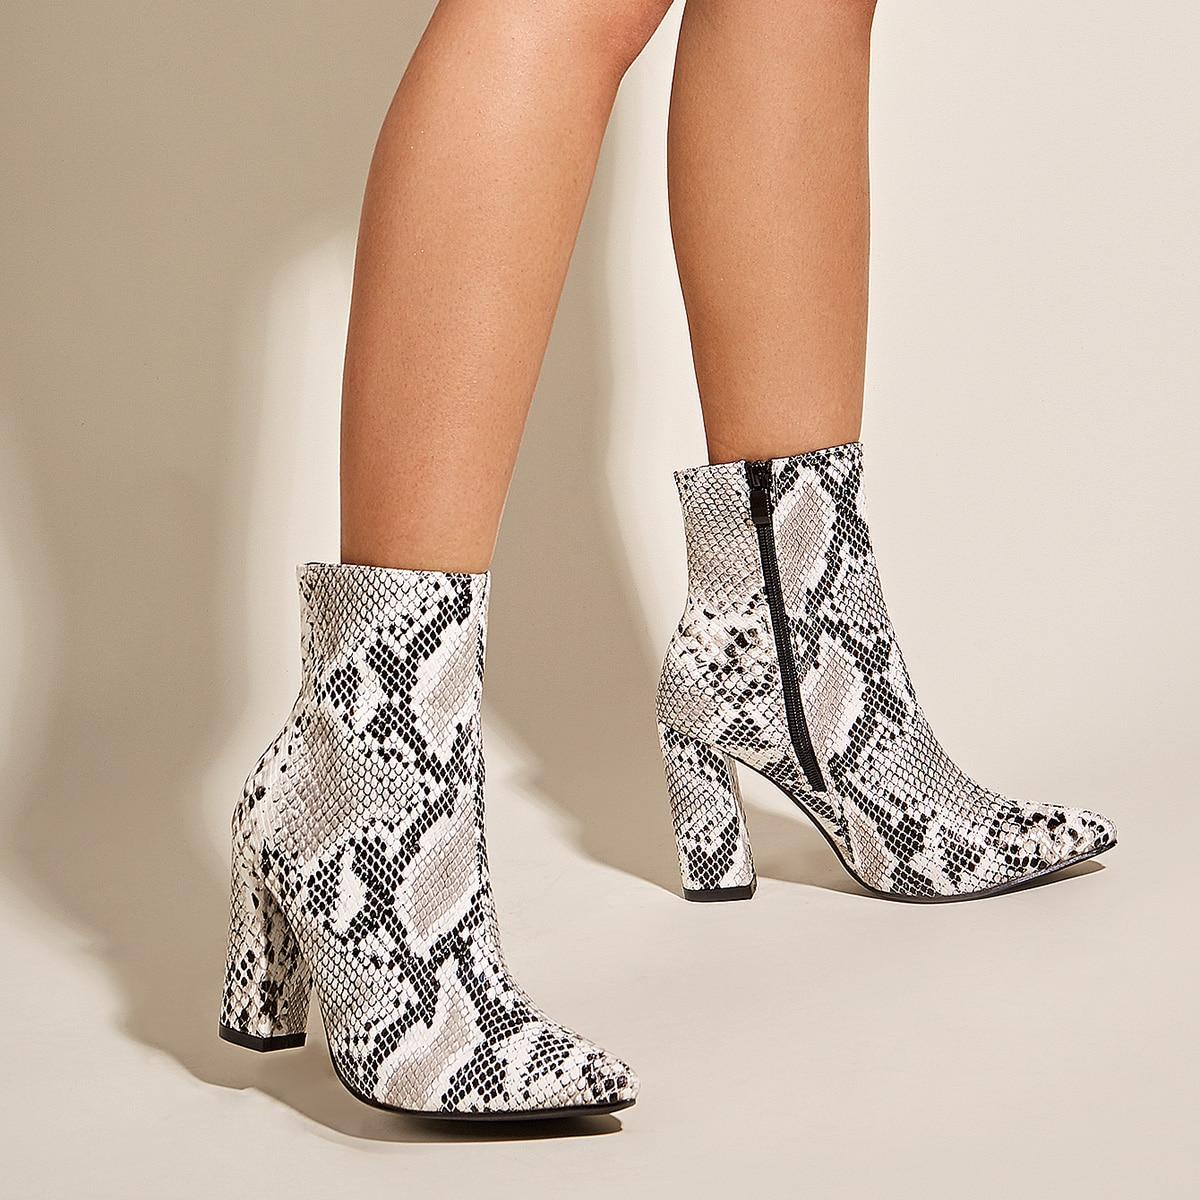 SHEIN / Stiefel mit spitzem Zehenbereich und Schlangenleder Muster